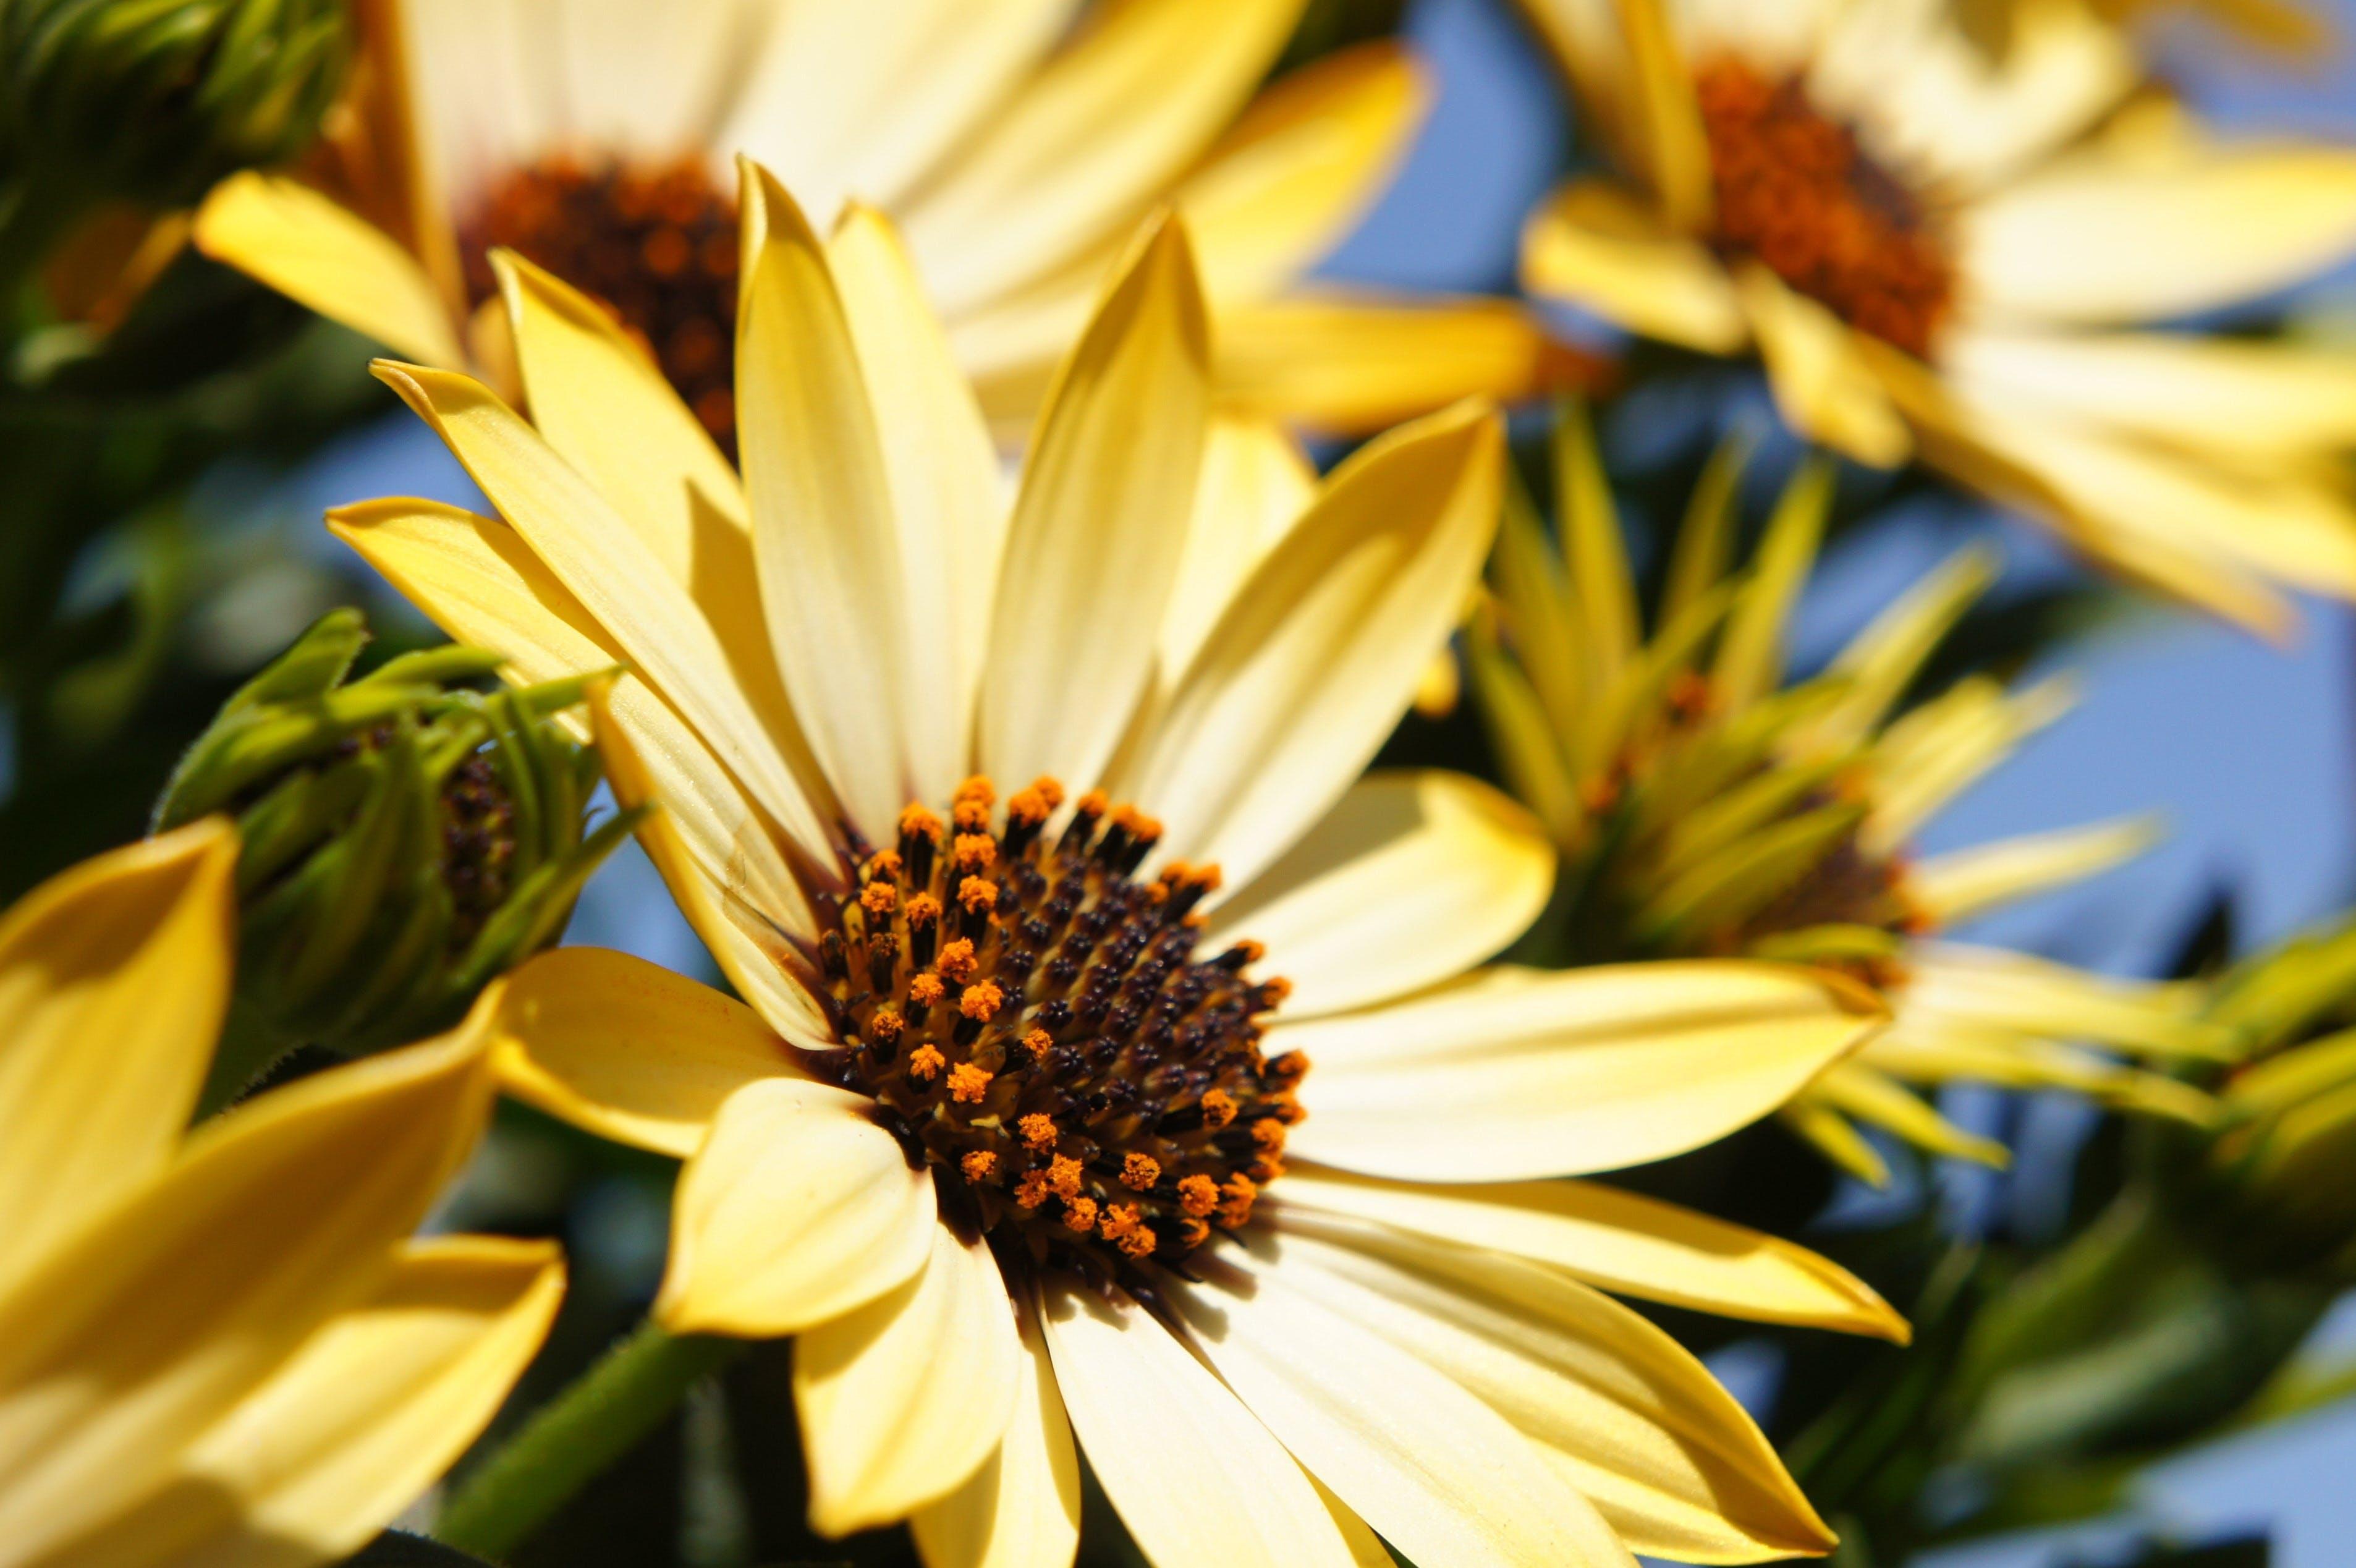 Gratis stockfoto met bloeien, bloemblaadjes, bloemen, close-up